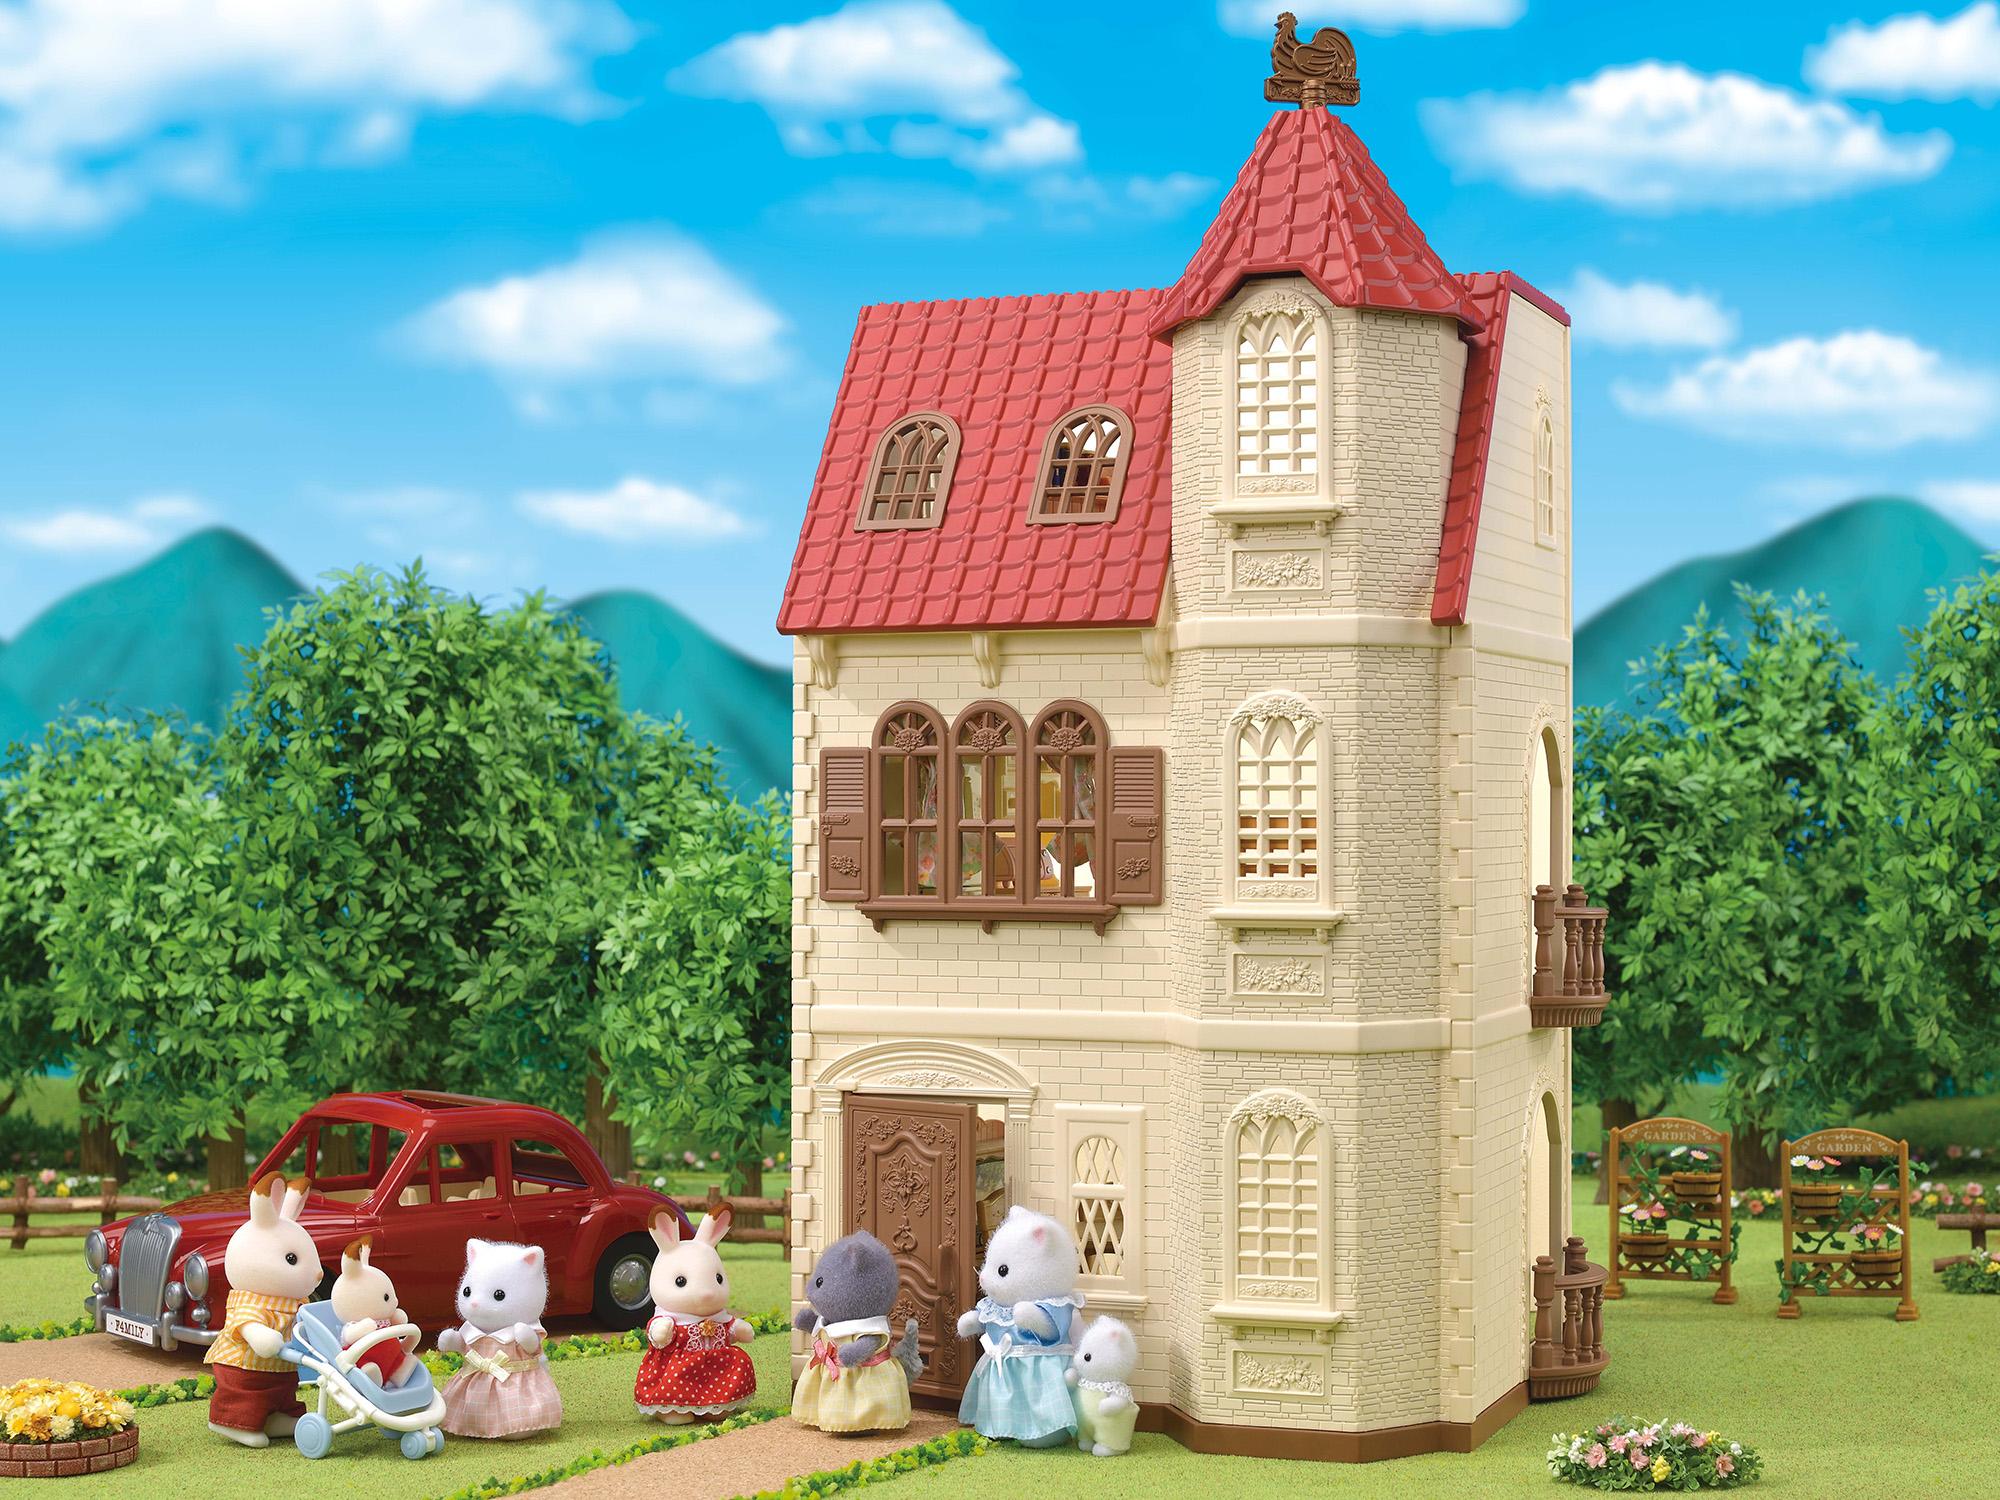 Torre dal tetto rosso -